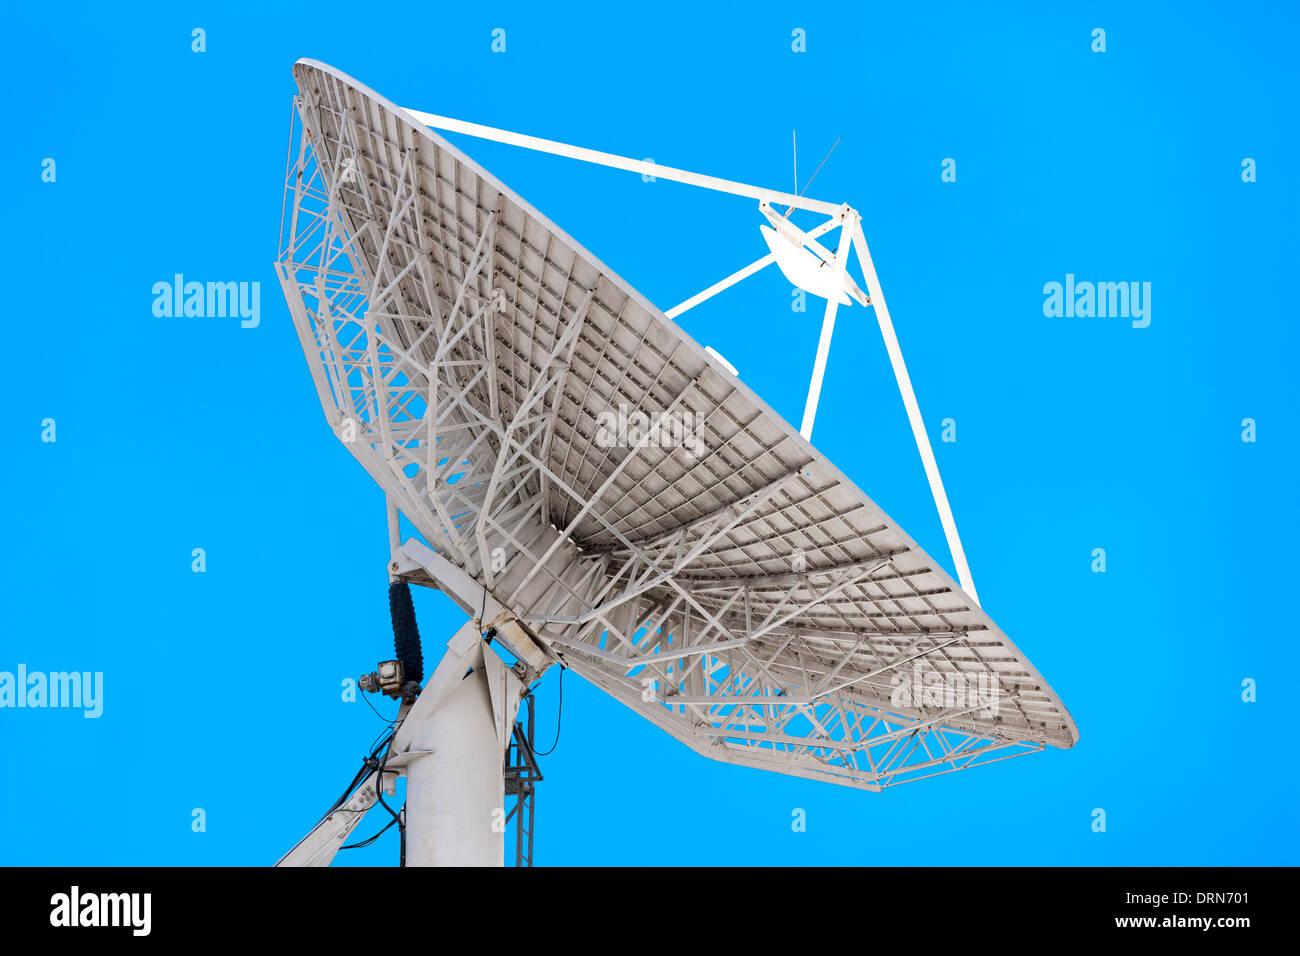 Grande parabola satellitare. Messa a terra la stazione terrestre di comunicazione televisiva per le reti di telecomunicazioni collegamento uplink Immagini Stock